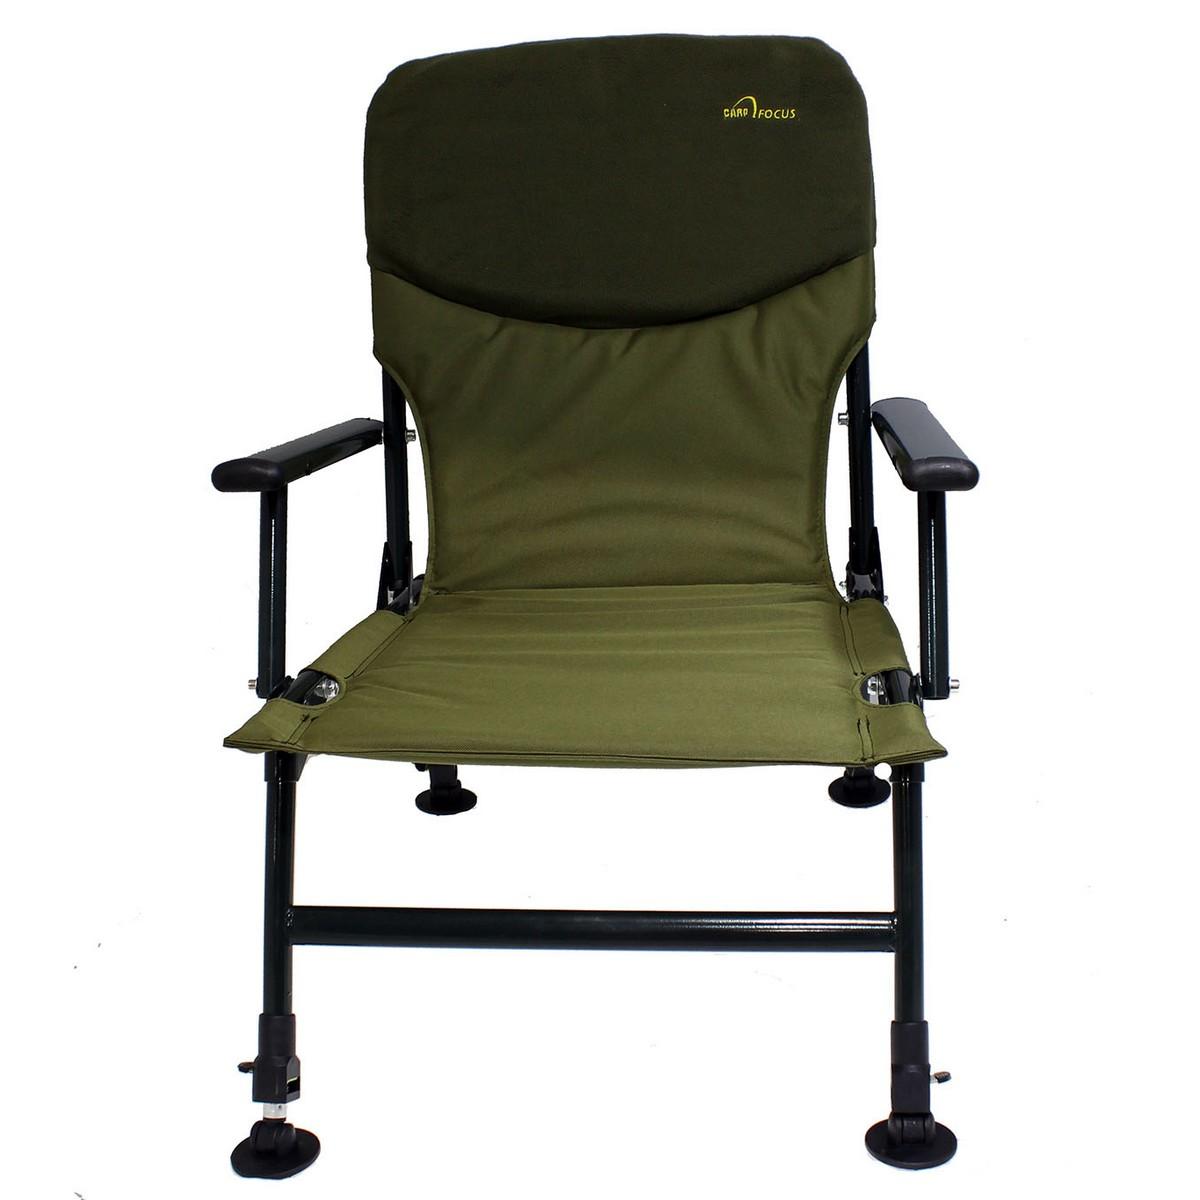 Шарански стол Carp Focus Comfort